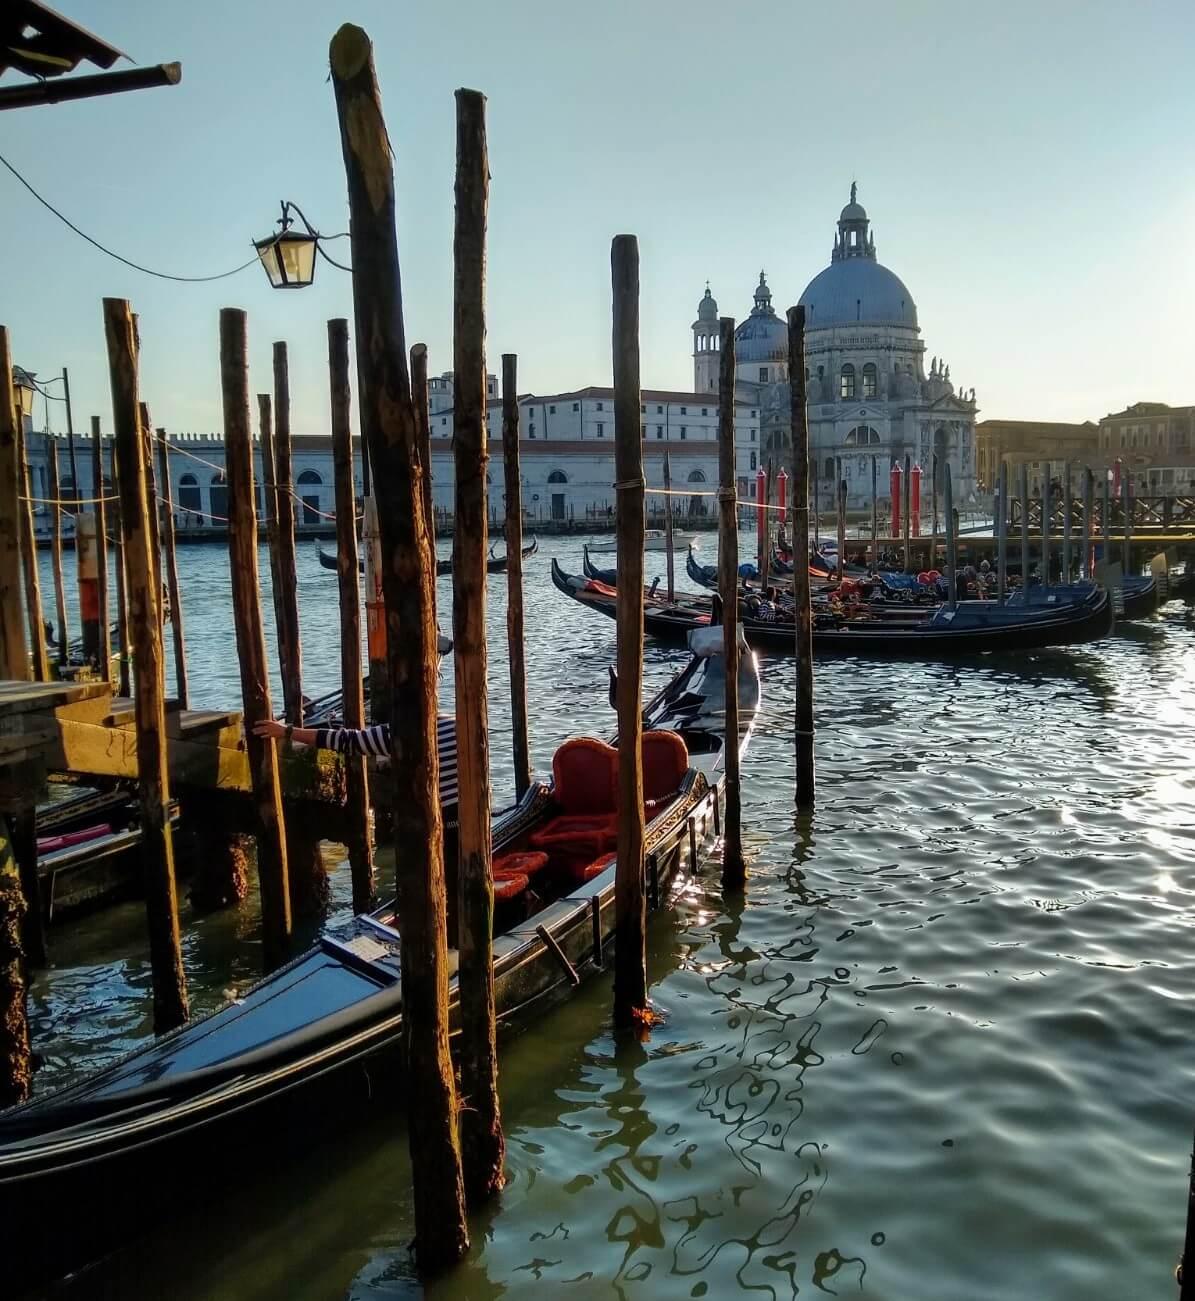 venezia sana marco